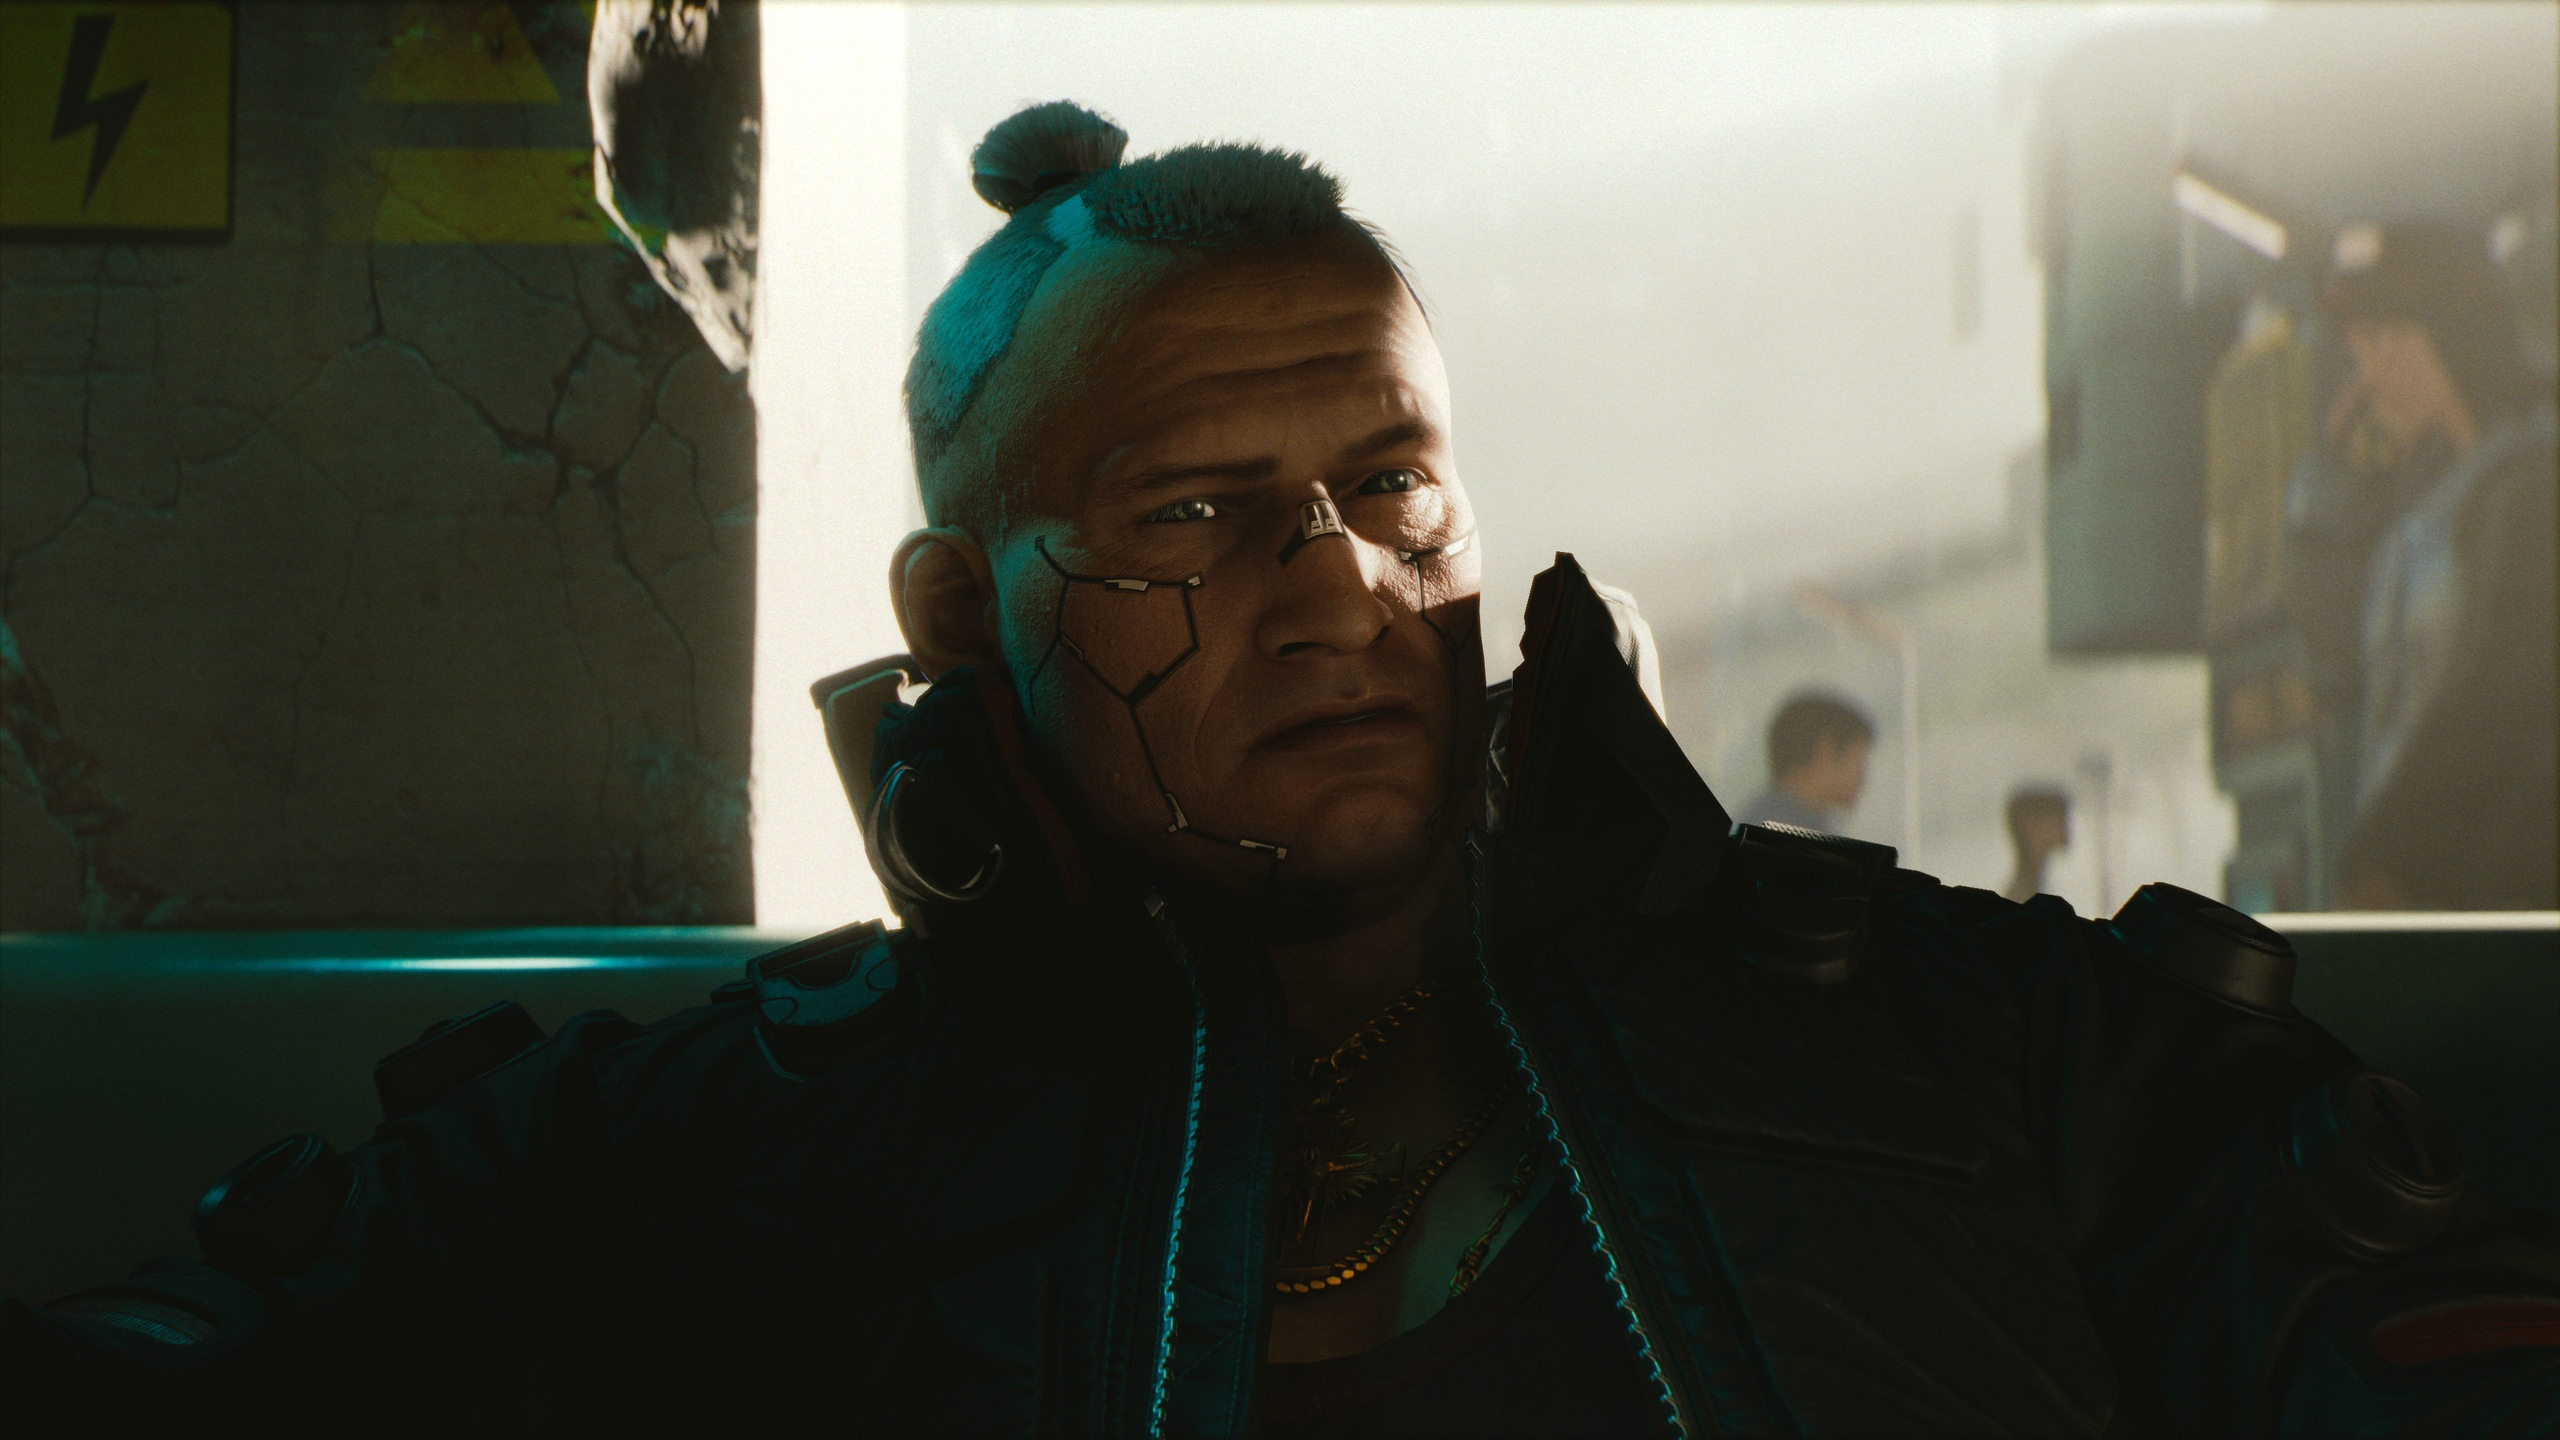 Не ждите Cyberpunk 2077. Разбор слабых сторон предстоящего проекта / Компьютерные и мобильные игры / iXBT Live